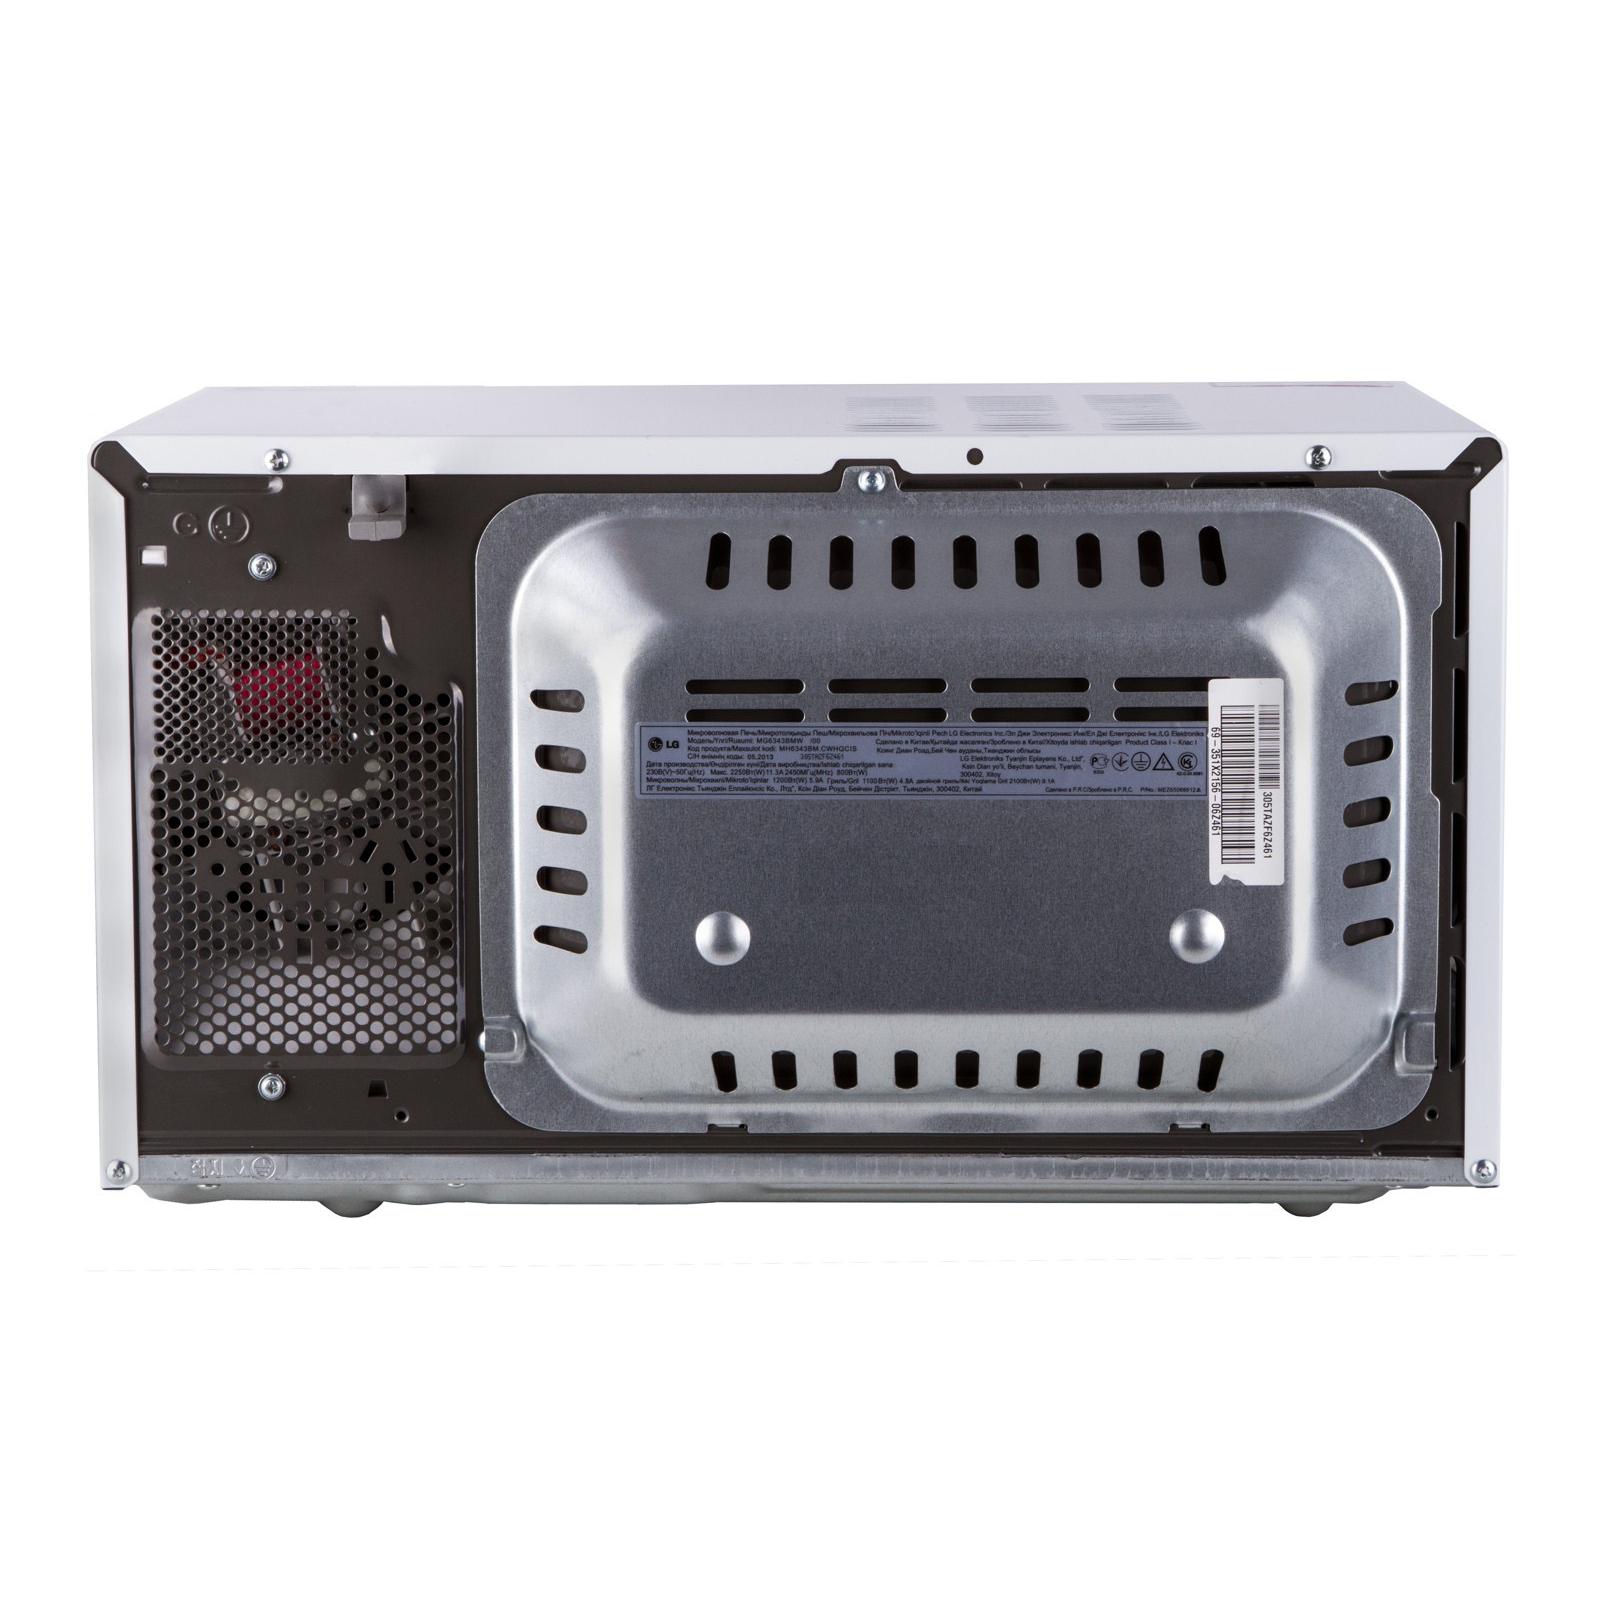 Микроволновая печь LG MG-6343BMW (MG6343BMW) изображение 3